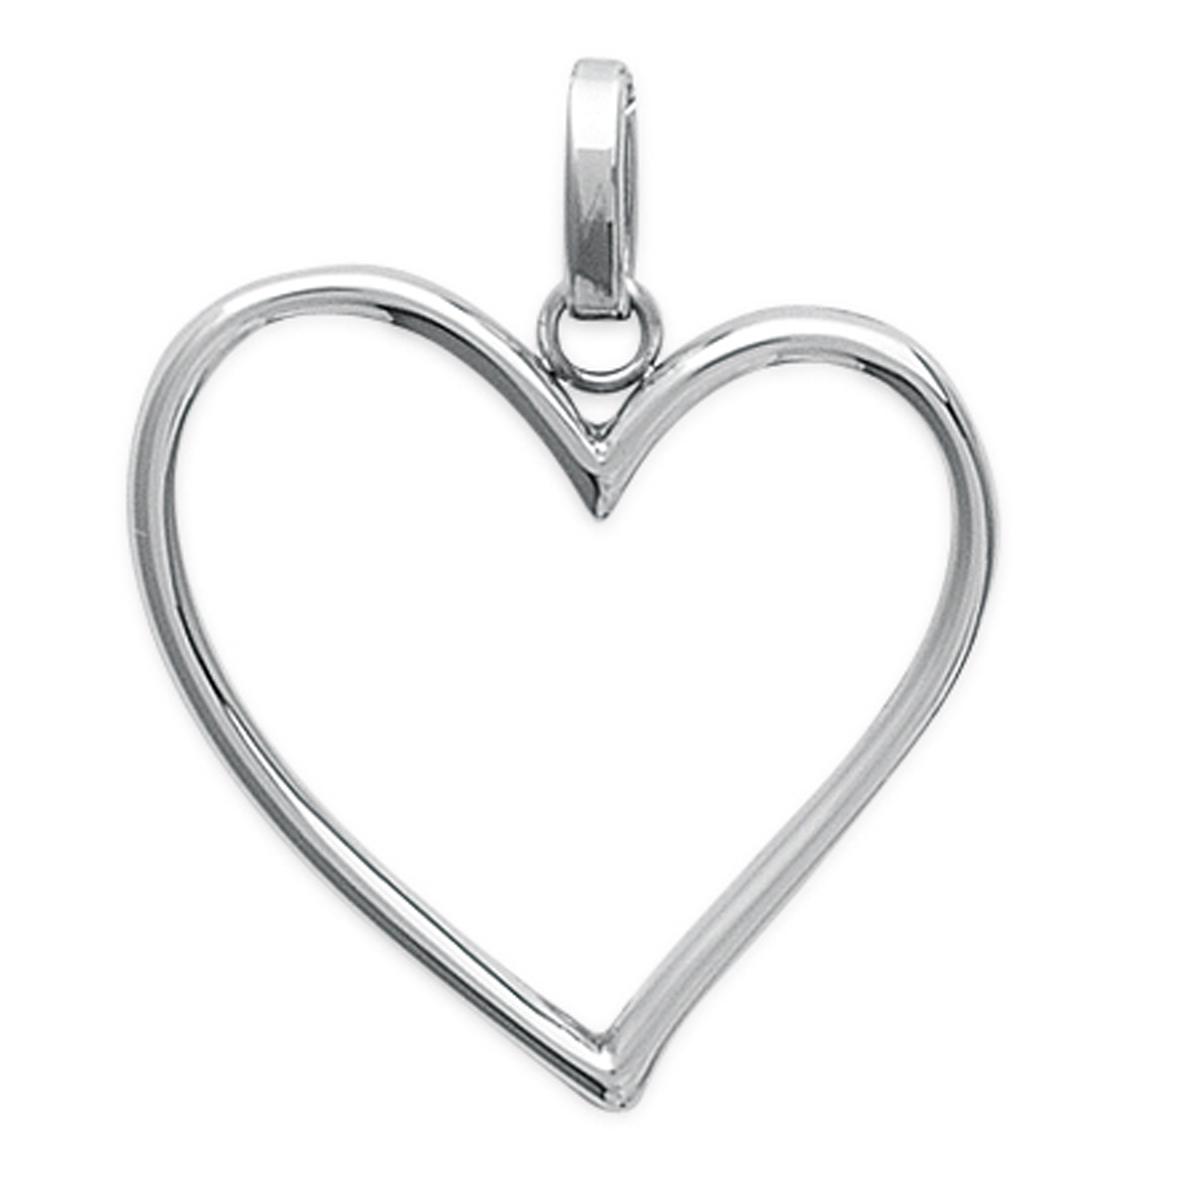 Pendentif acier \'Love\' argenté - 27x27 mm - [L7858]